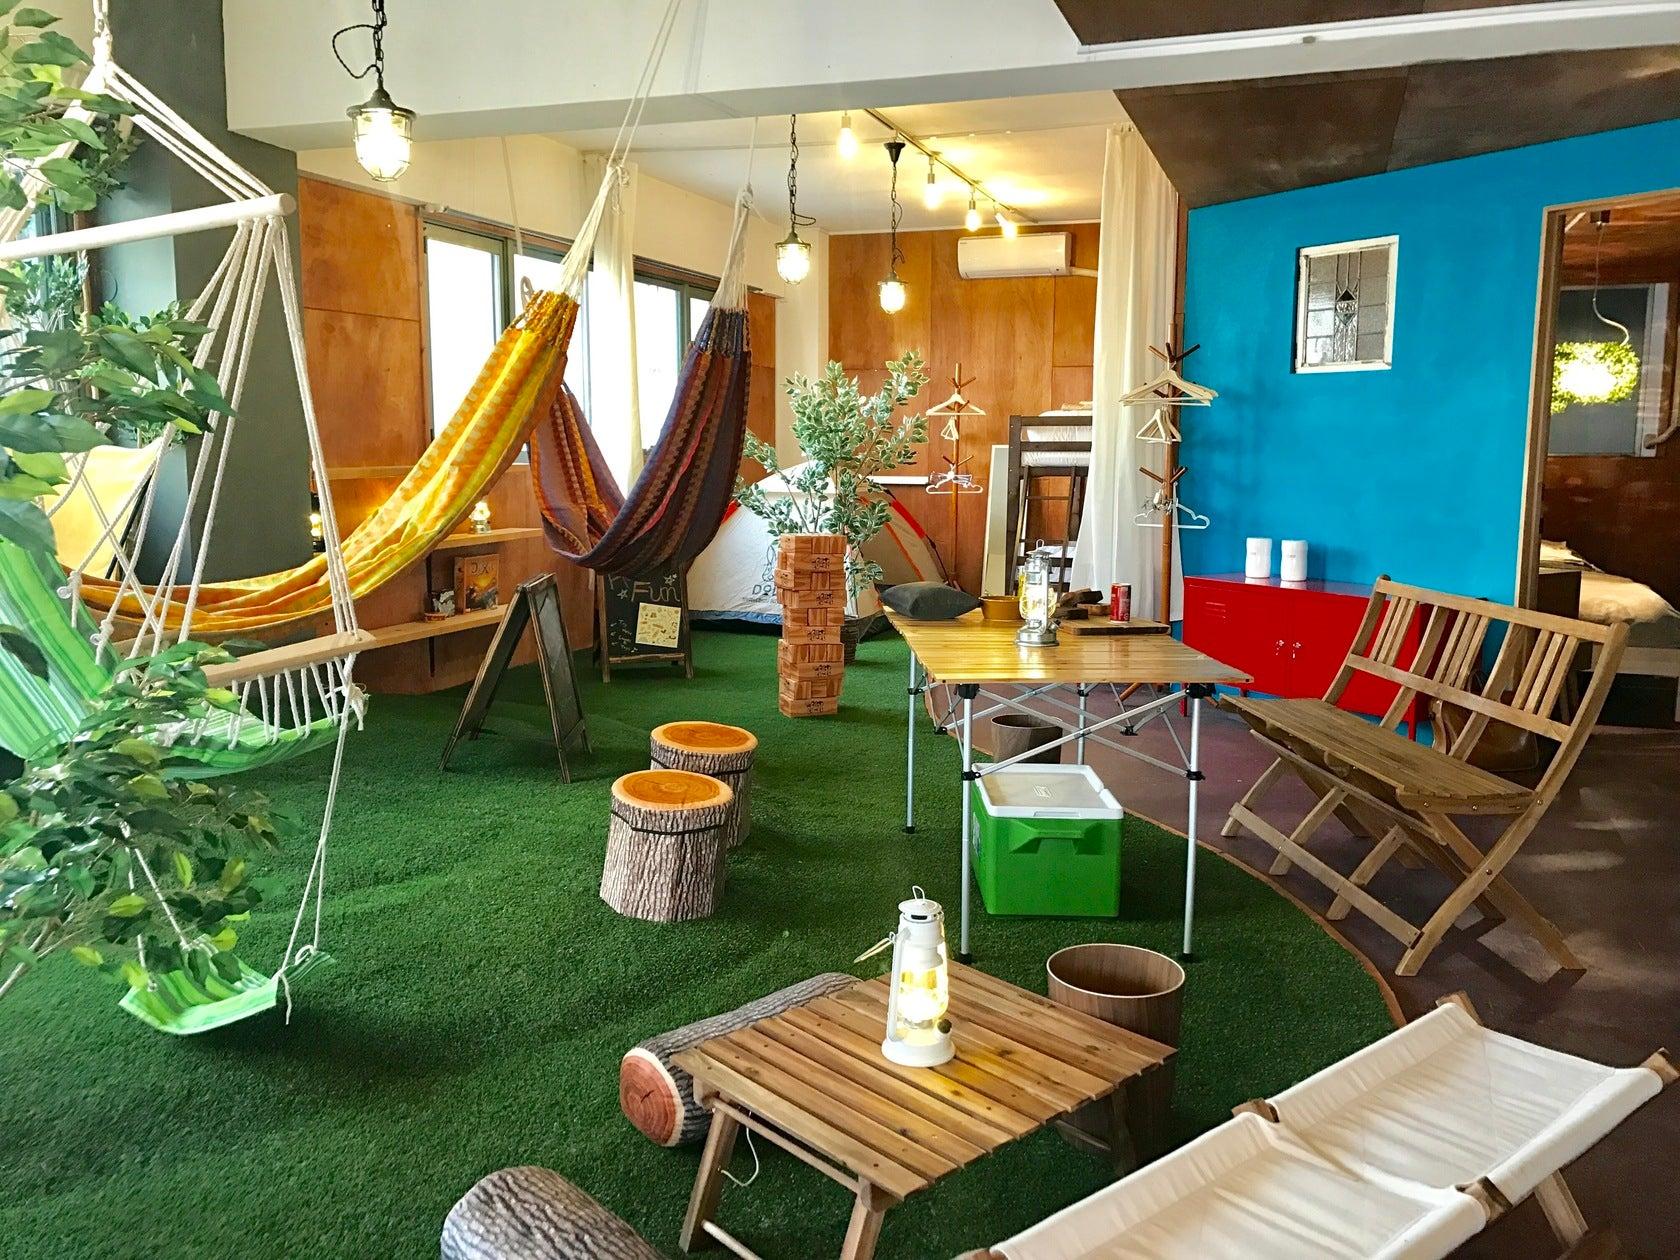 屋内キャンプ・グランピングが楽しめるスペースです☆ハンモック・ブランコ・テント・無煙ロースターあり のサムネイル